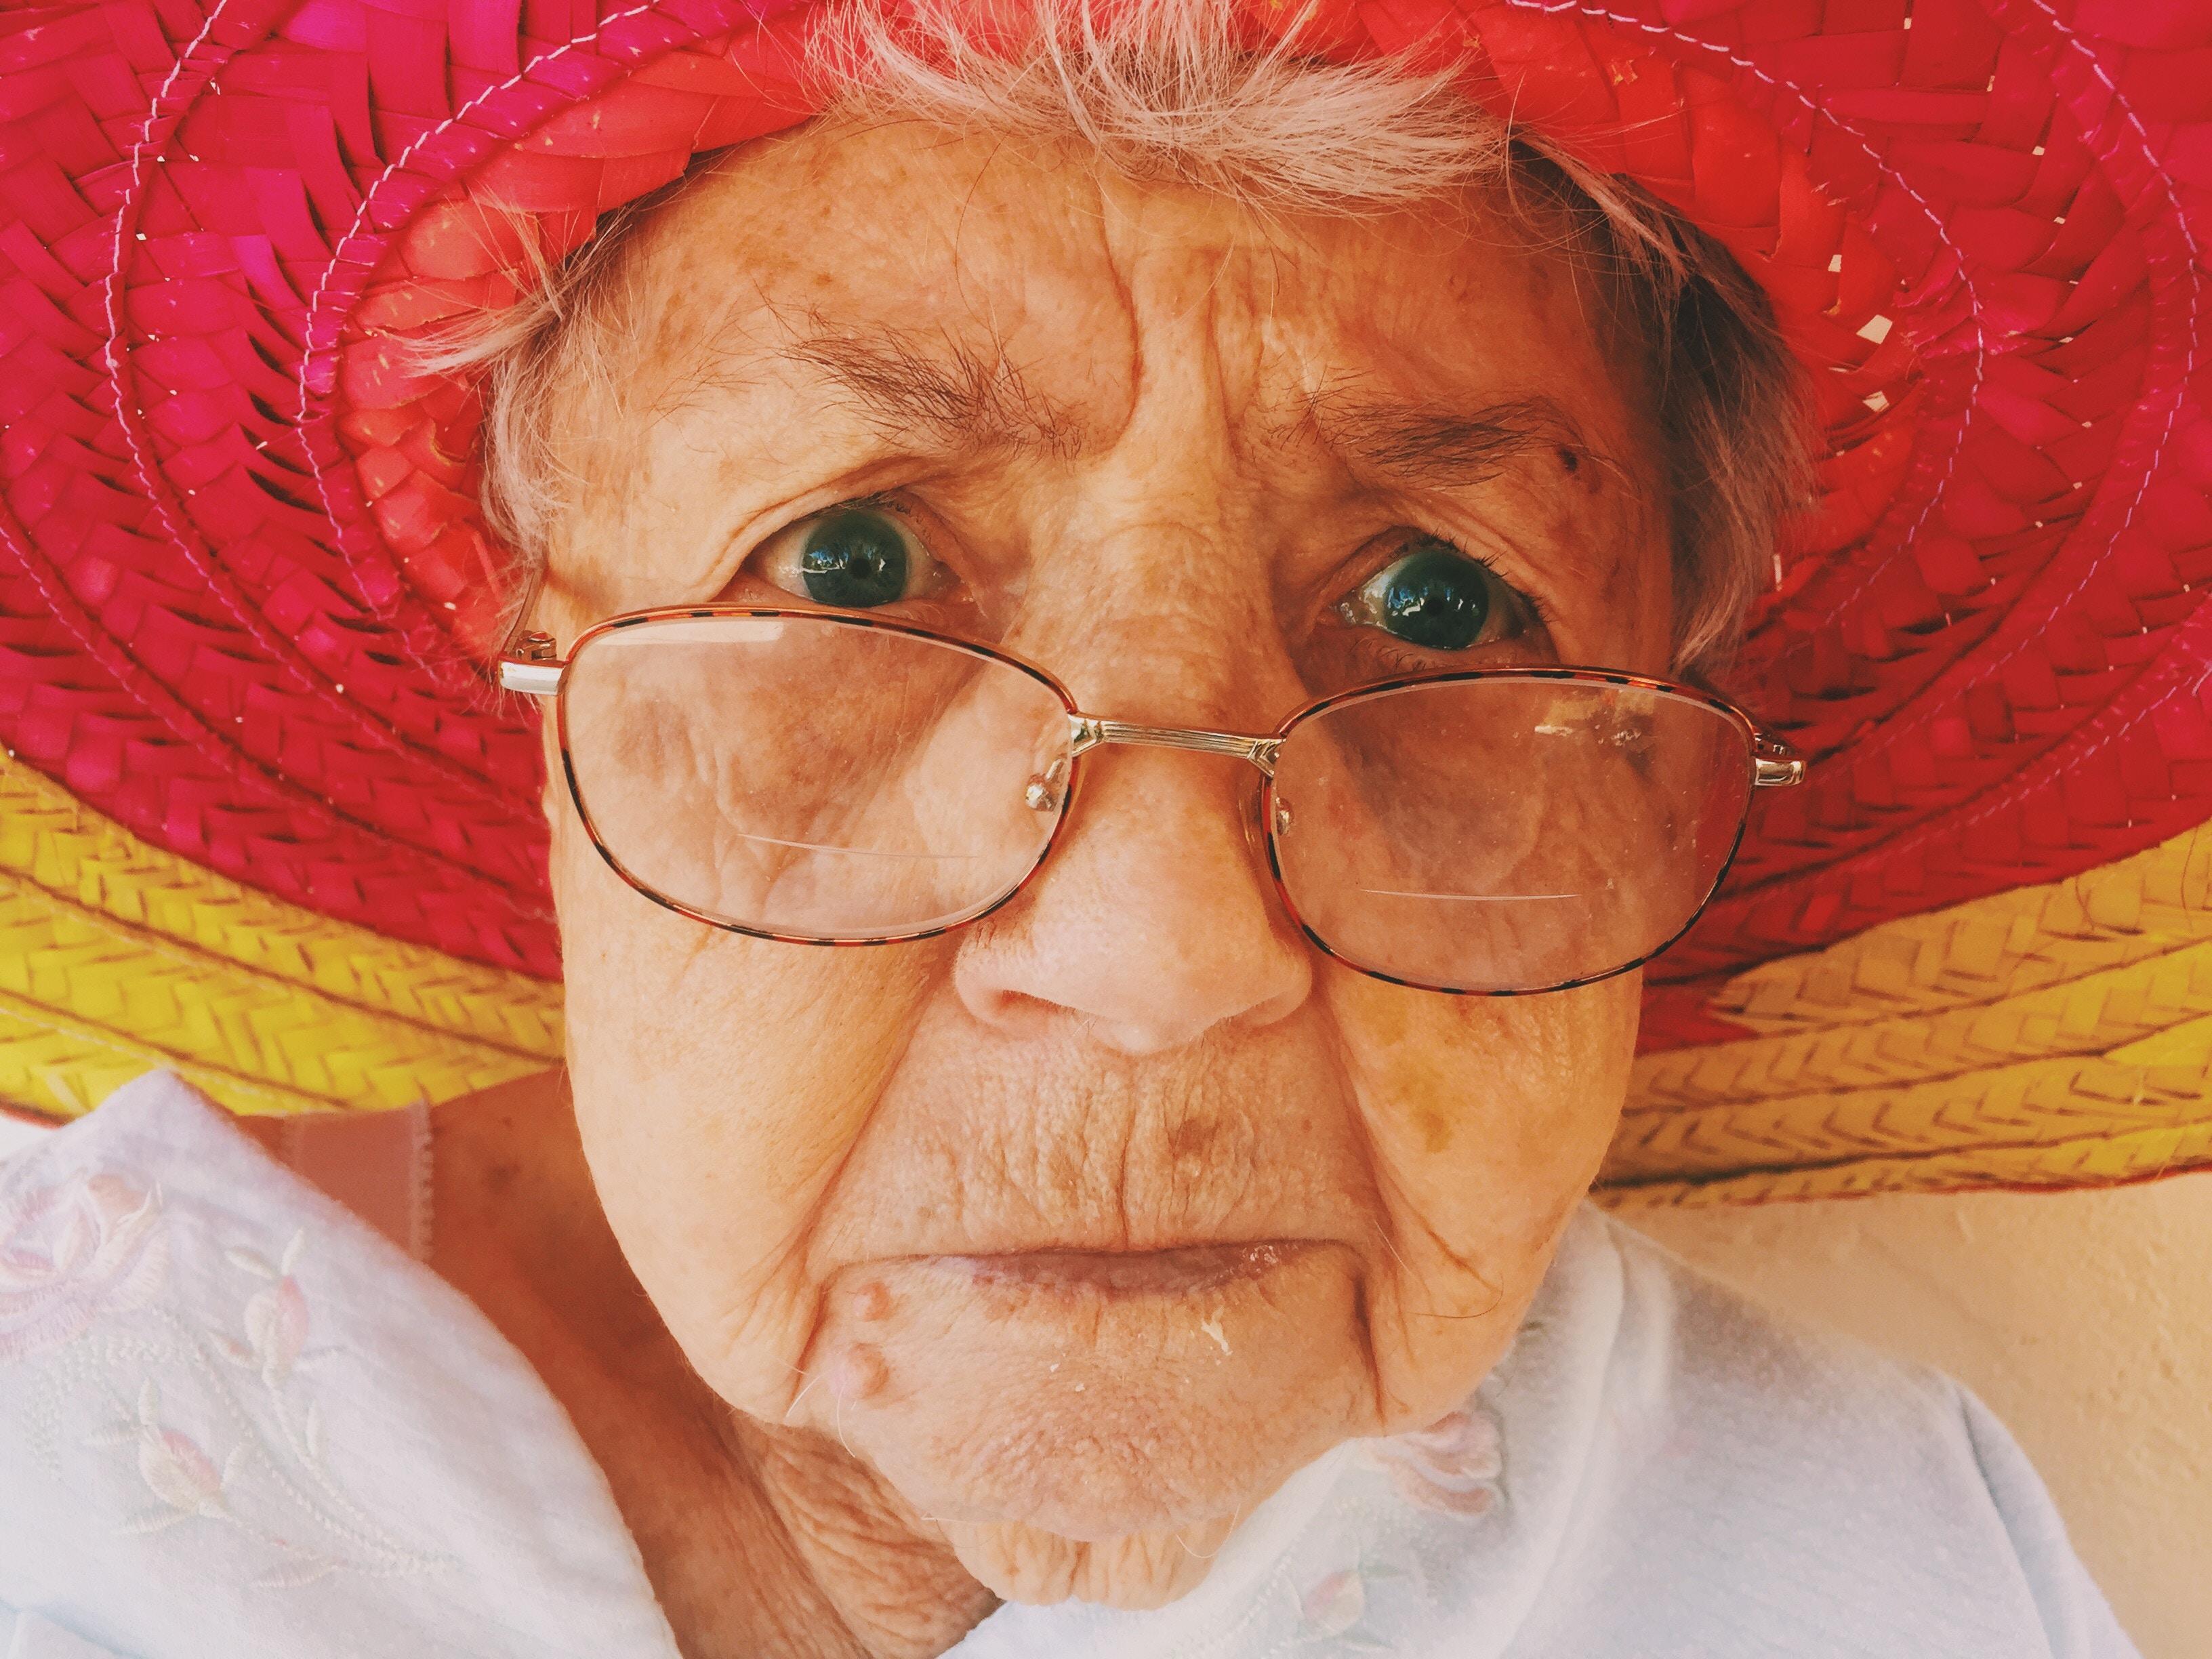 レーシック手術で老眼も治る?気になる値段・費用と手術方法まとめ